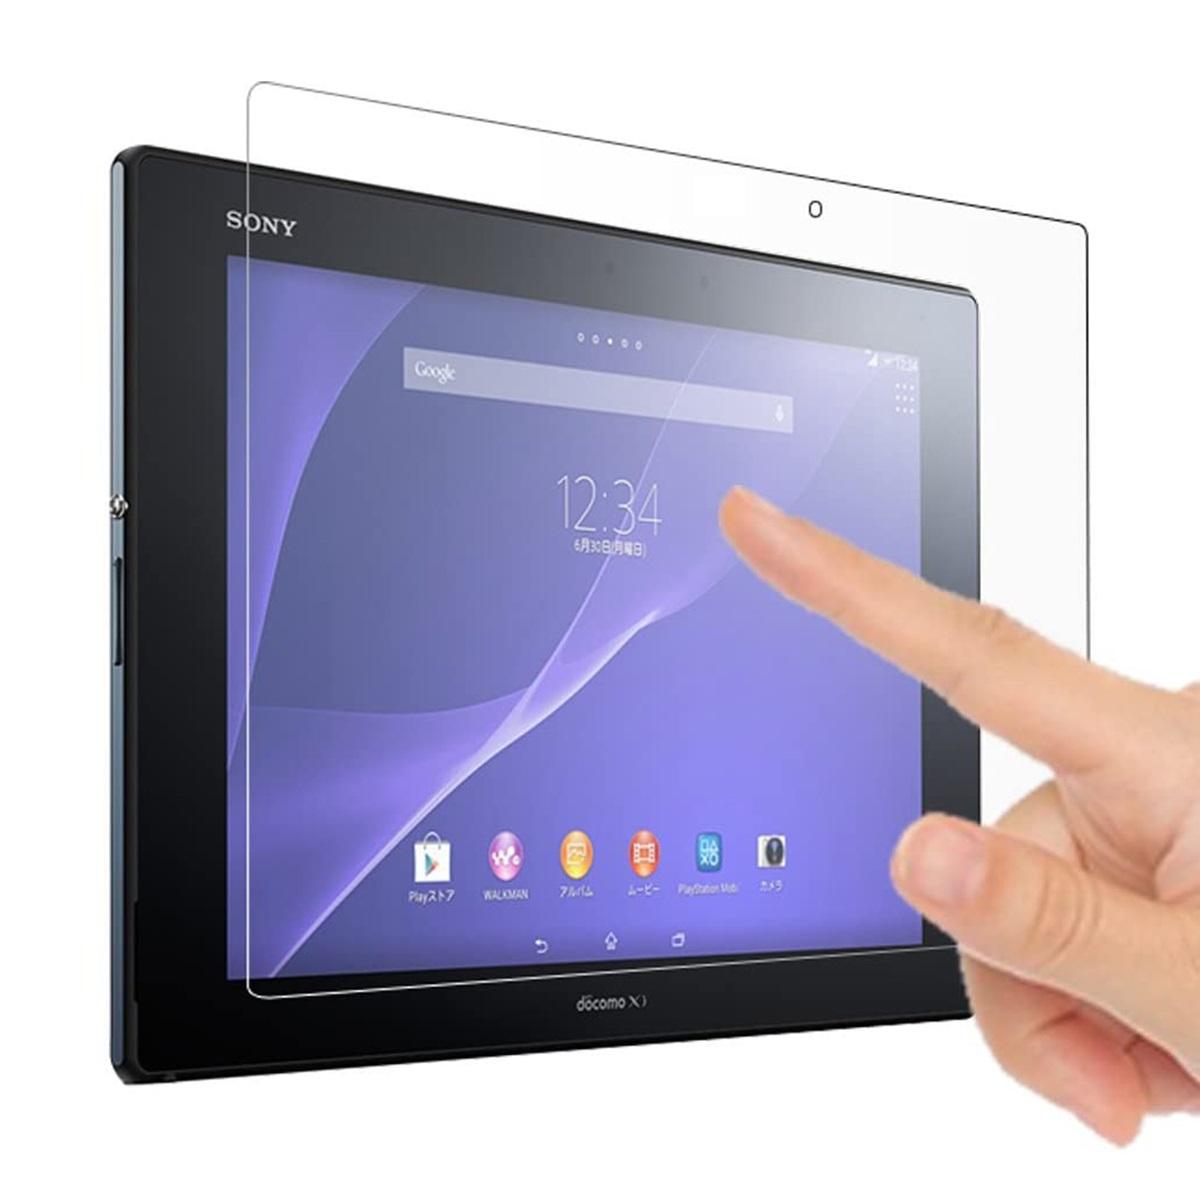 メール便送料無料 Xperia Z2 Tablet SO-05F SGP512JP 液晶保護フィルム 2.5D 9H 在庫一掃売り切りセール タブレット 強化ガラス 超人気 専門店 0.33mm